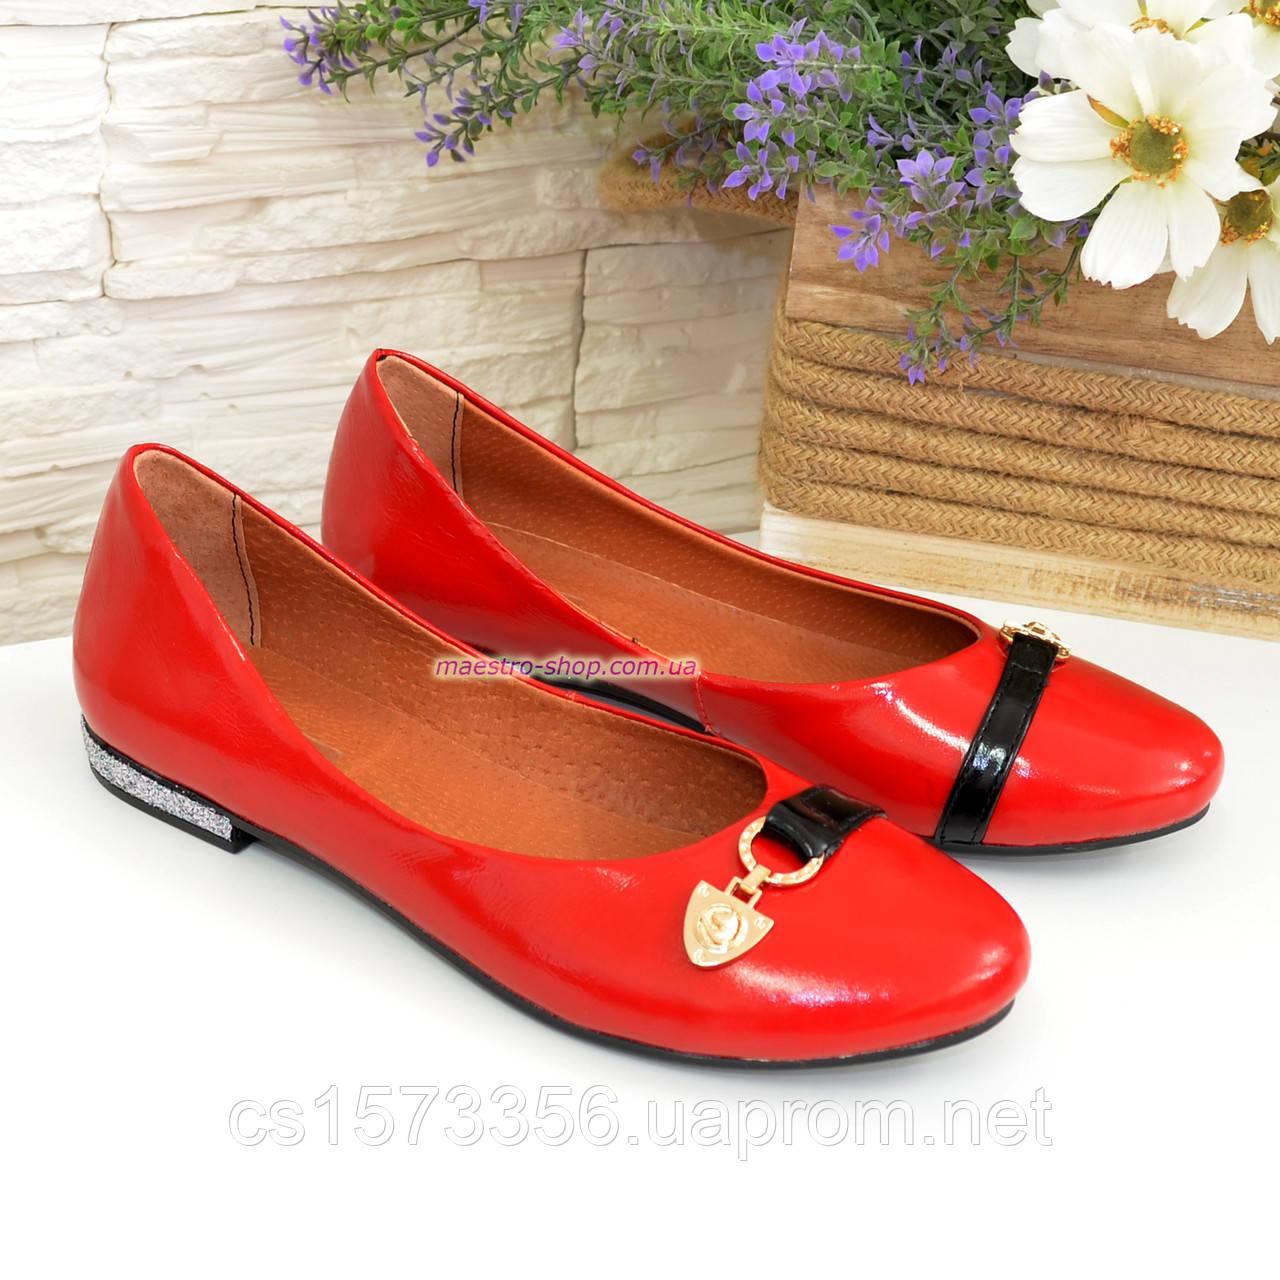 Туфли женские лаковые красного цвета на низком ходу